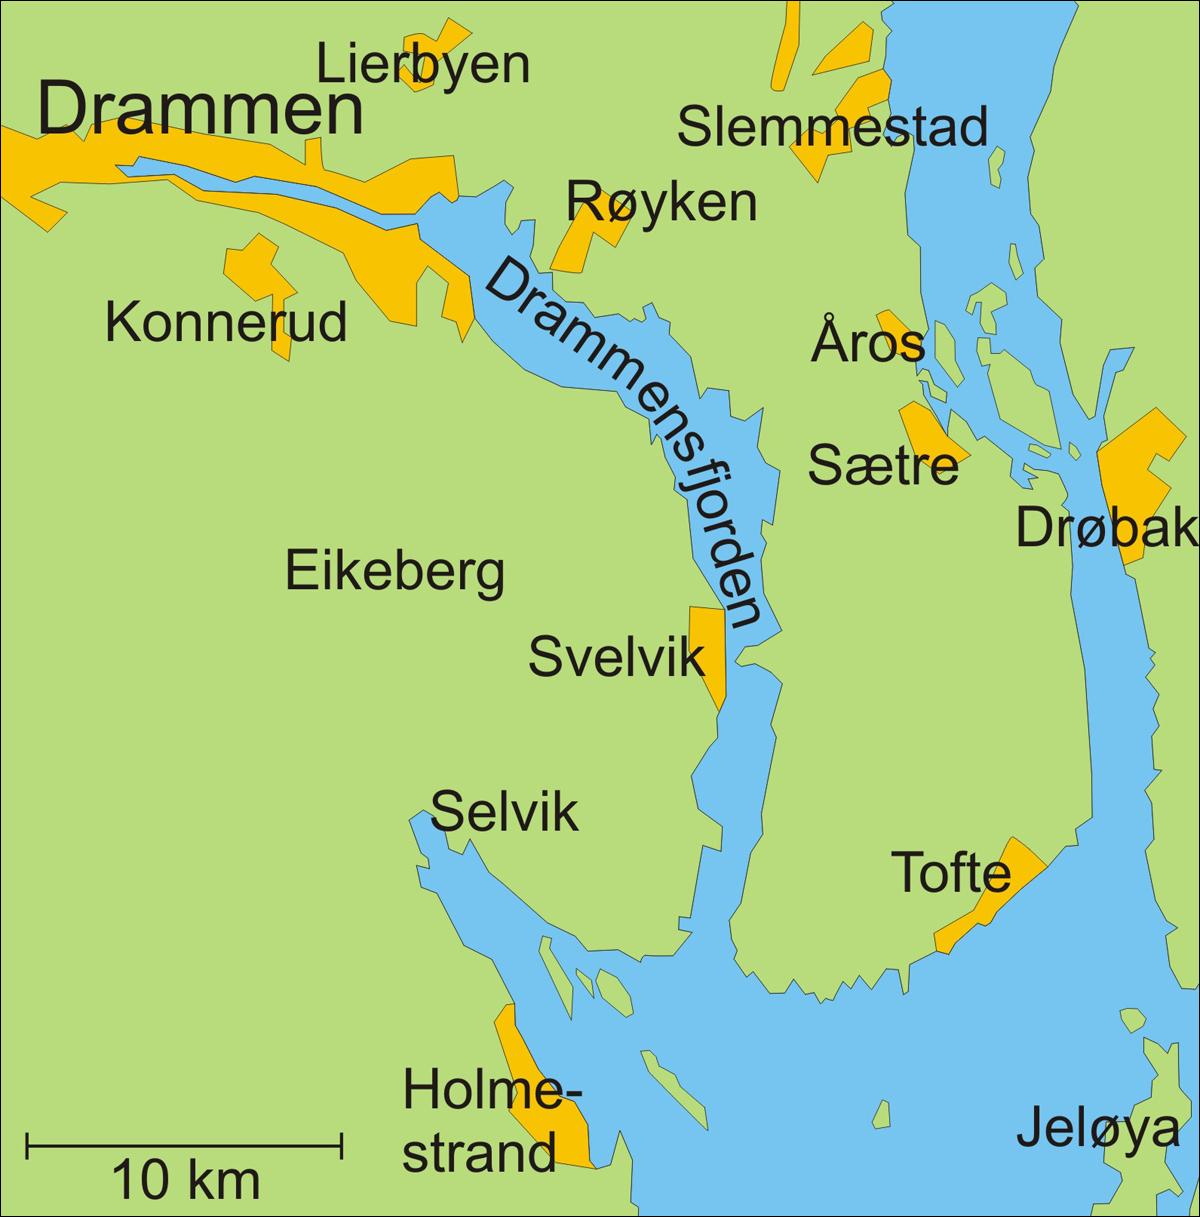 kart over konnerud File:Drammensfjorden.   Wikimedia Commons kart over konnerud